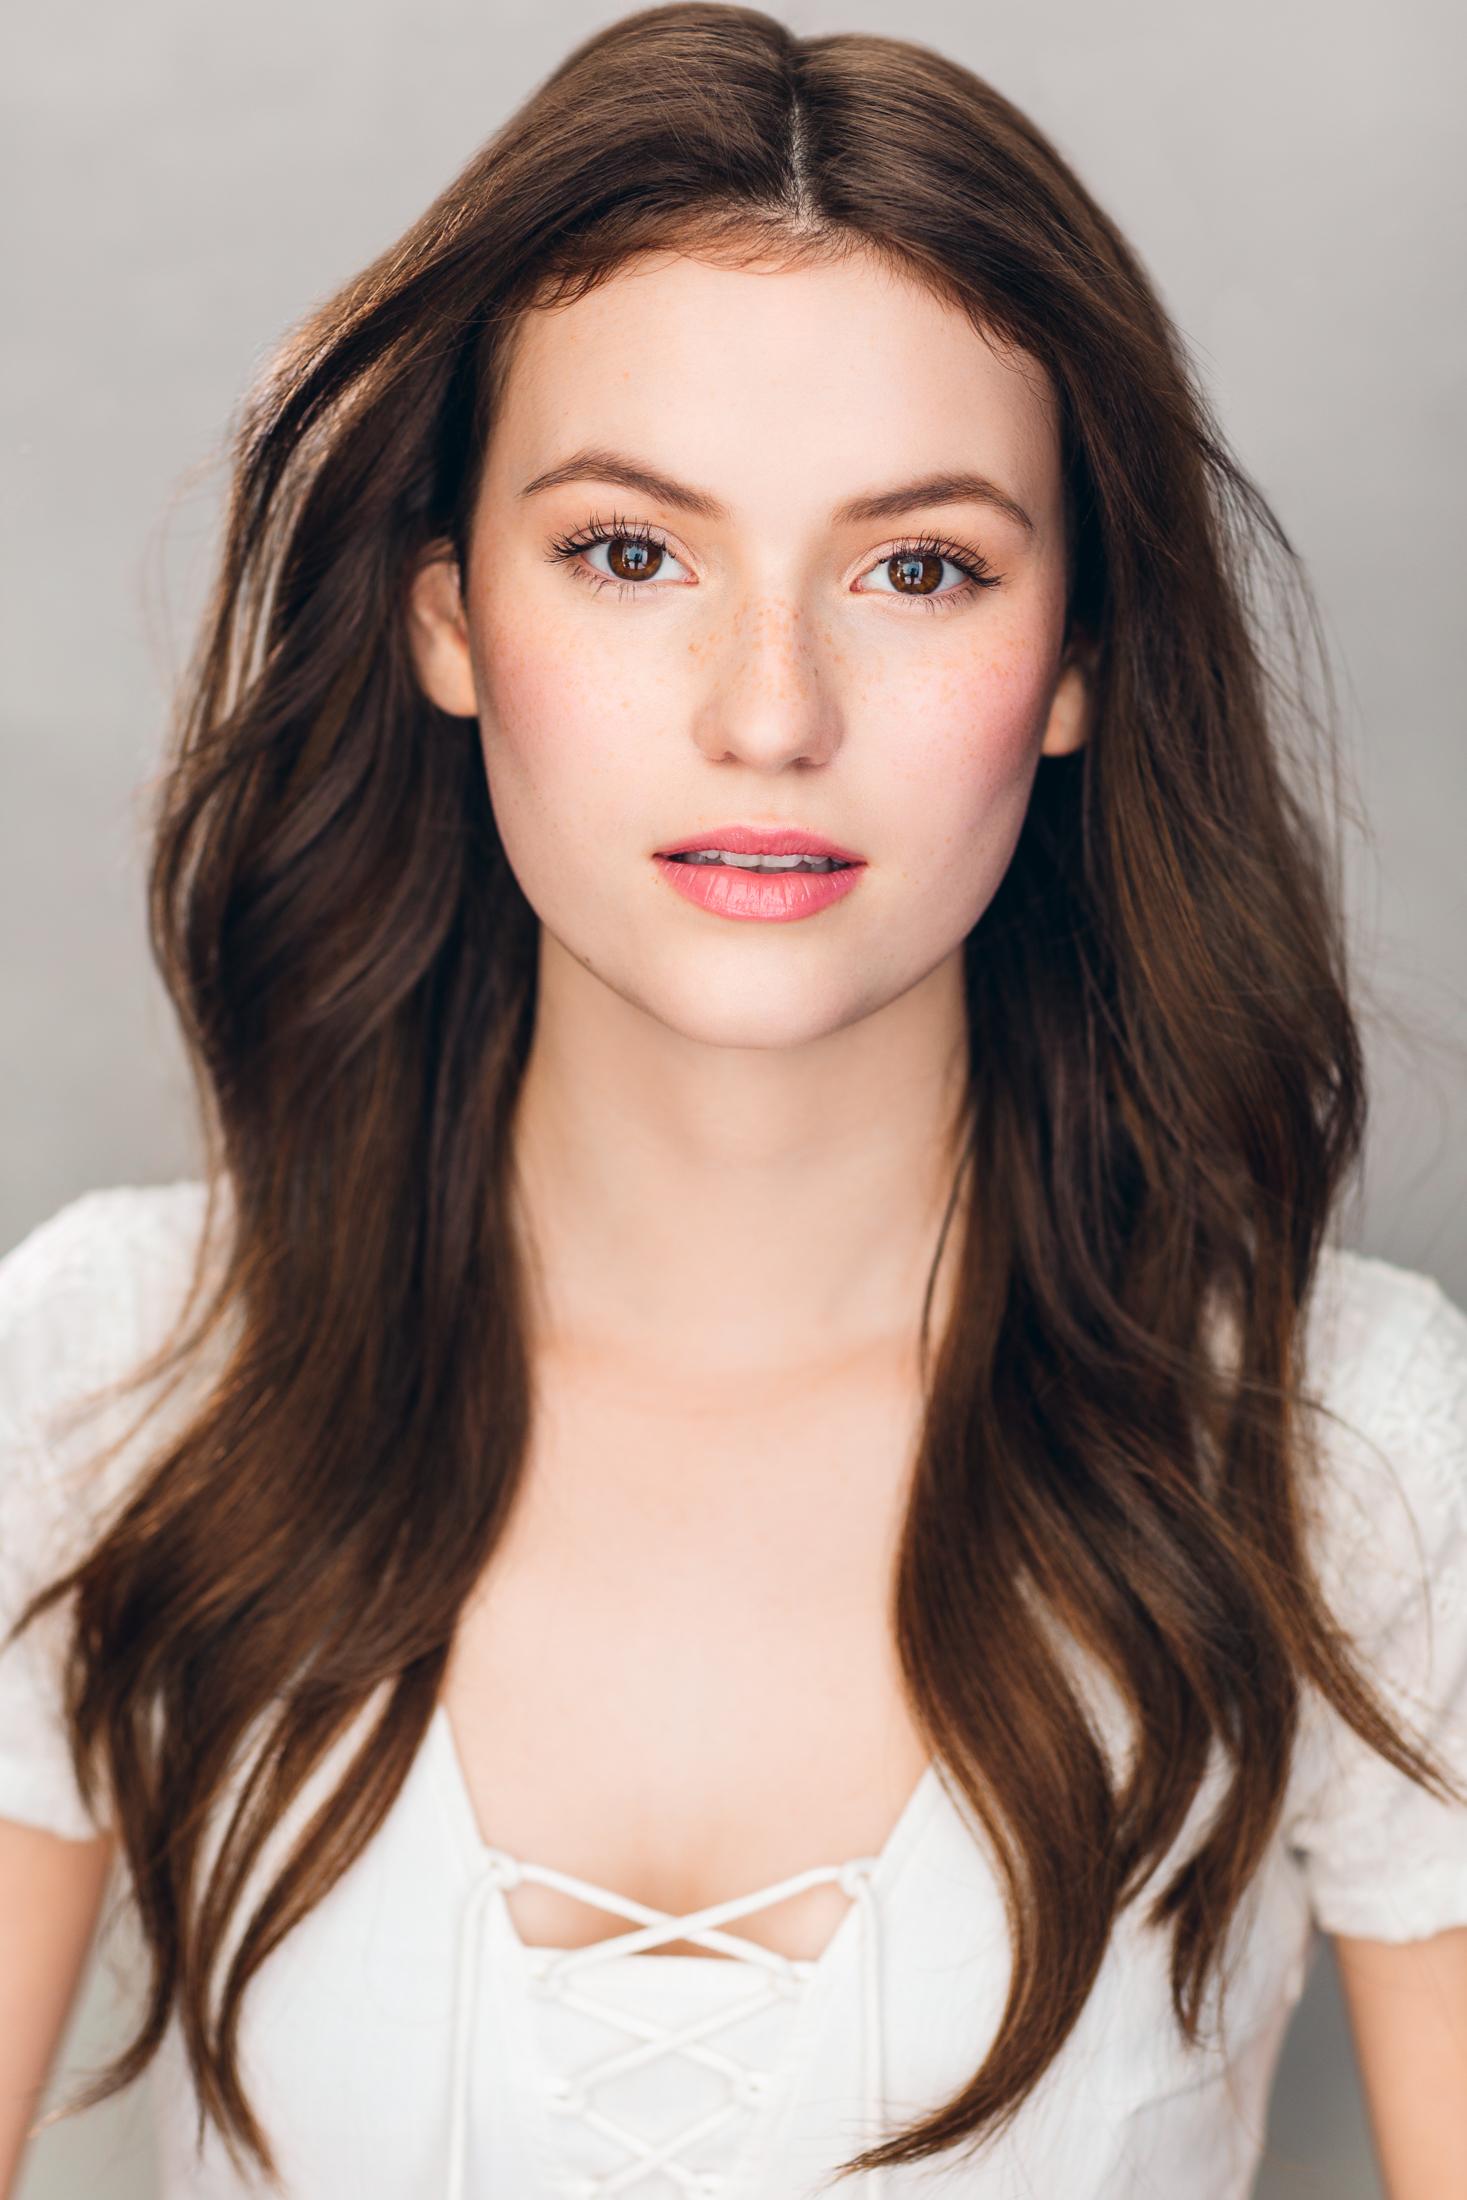 images Anna Berger (actress)